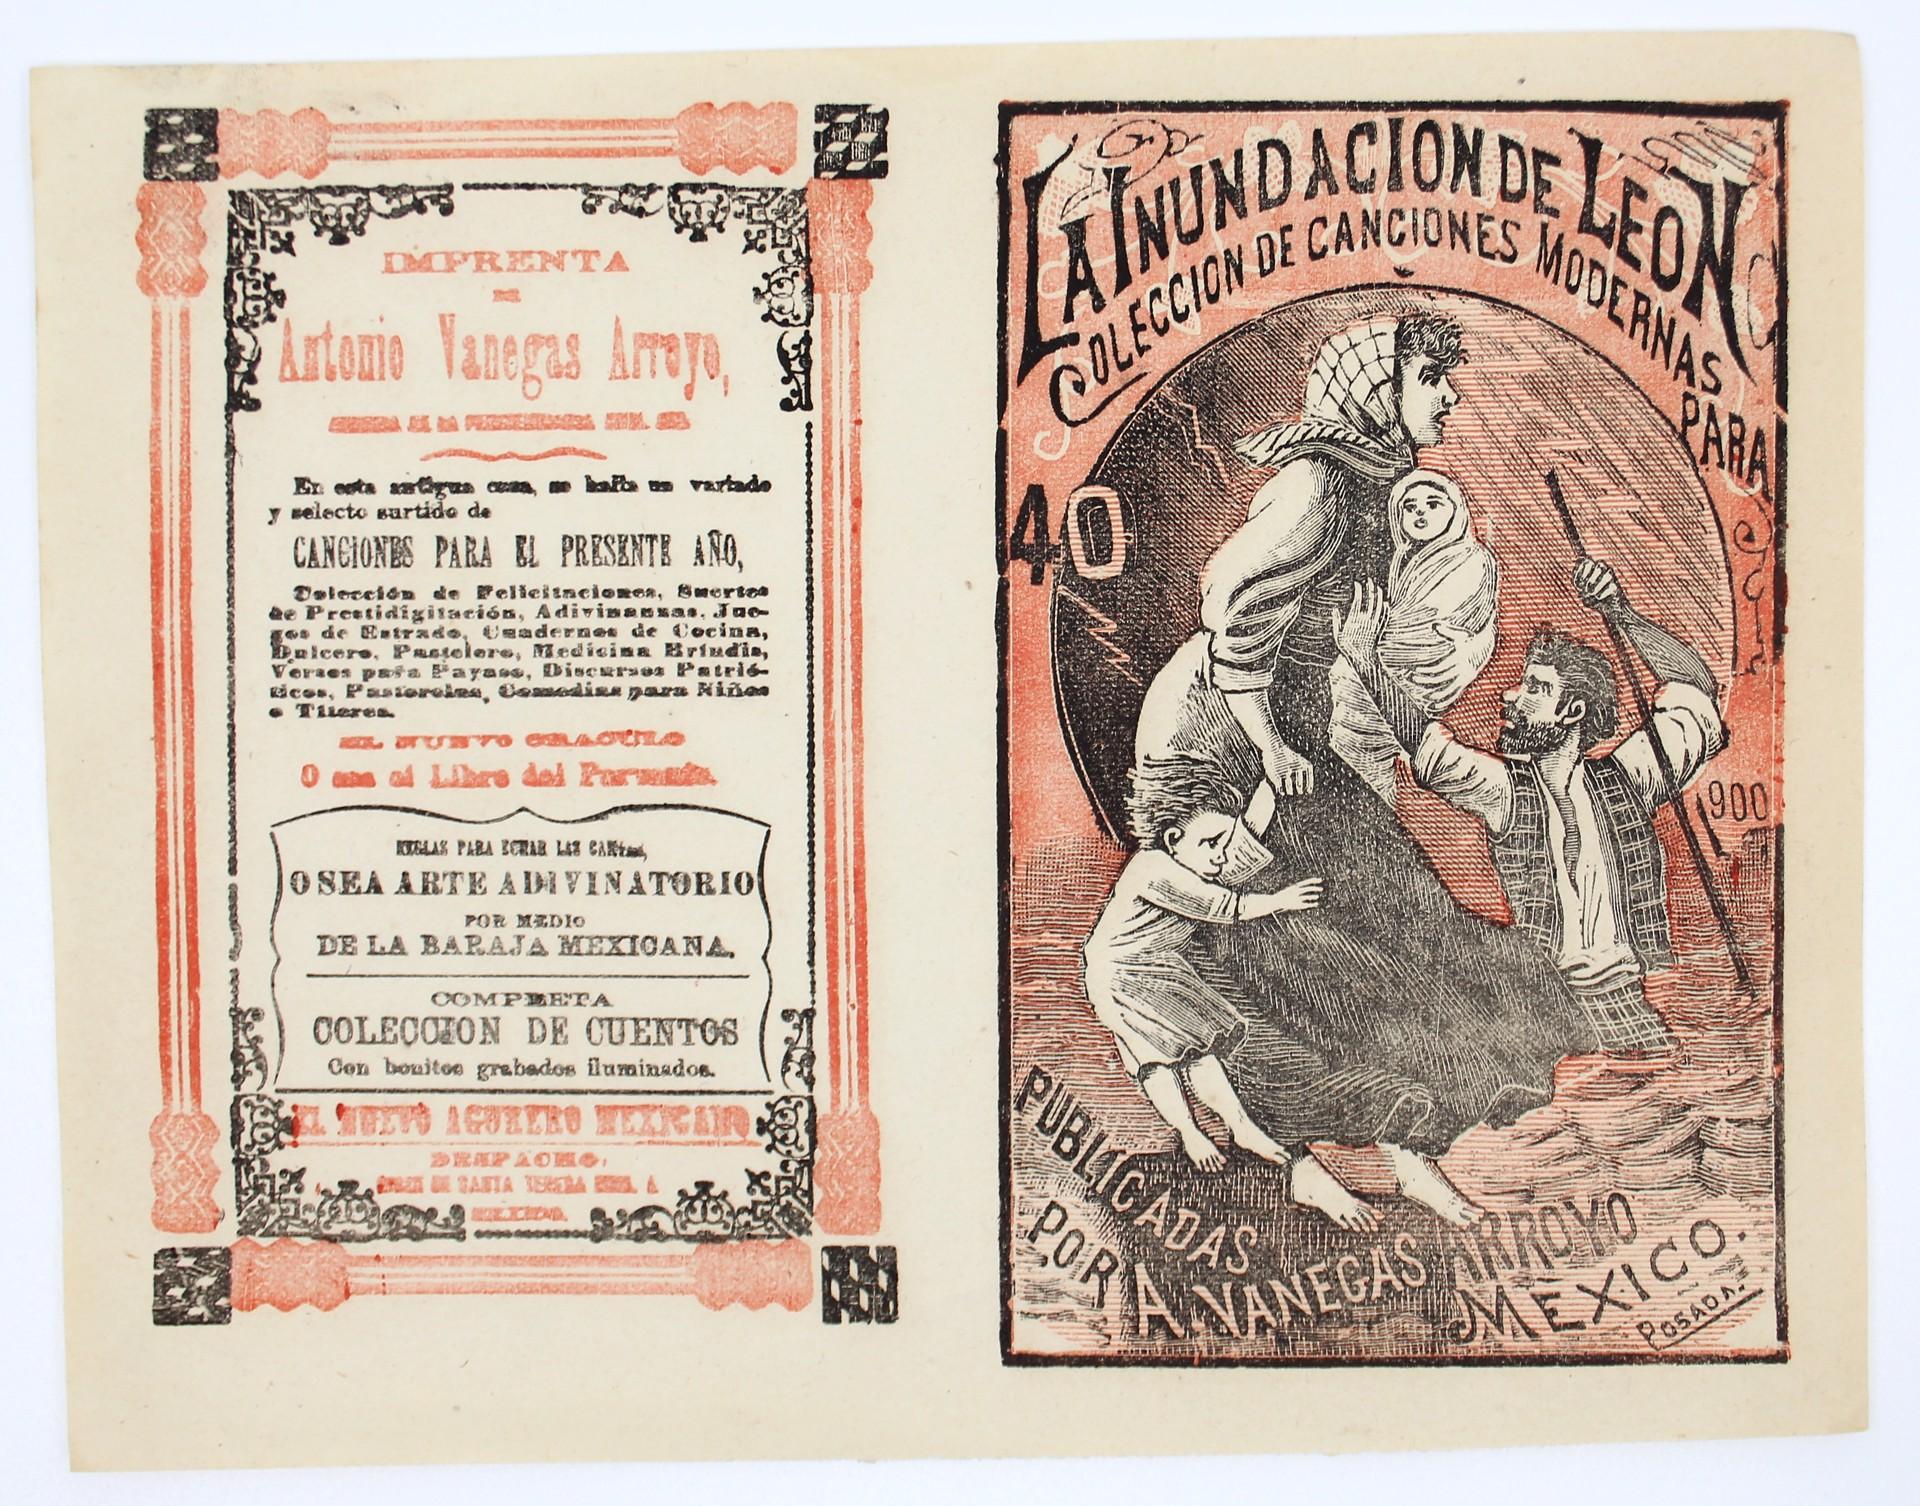 La Inundacion de Leon, Colección de canciones modernas, No. 40 by José Guadalupe Posada (1852 - 1913)